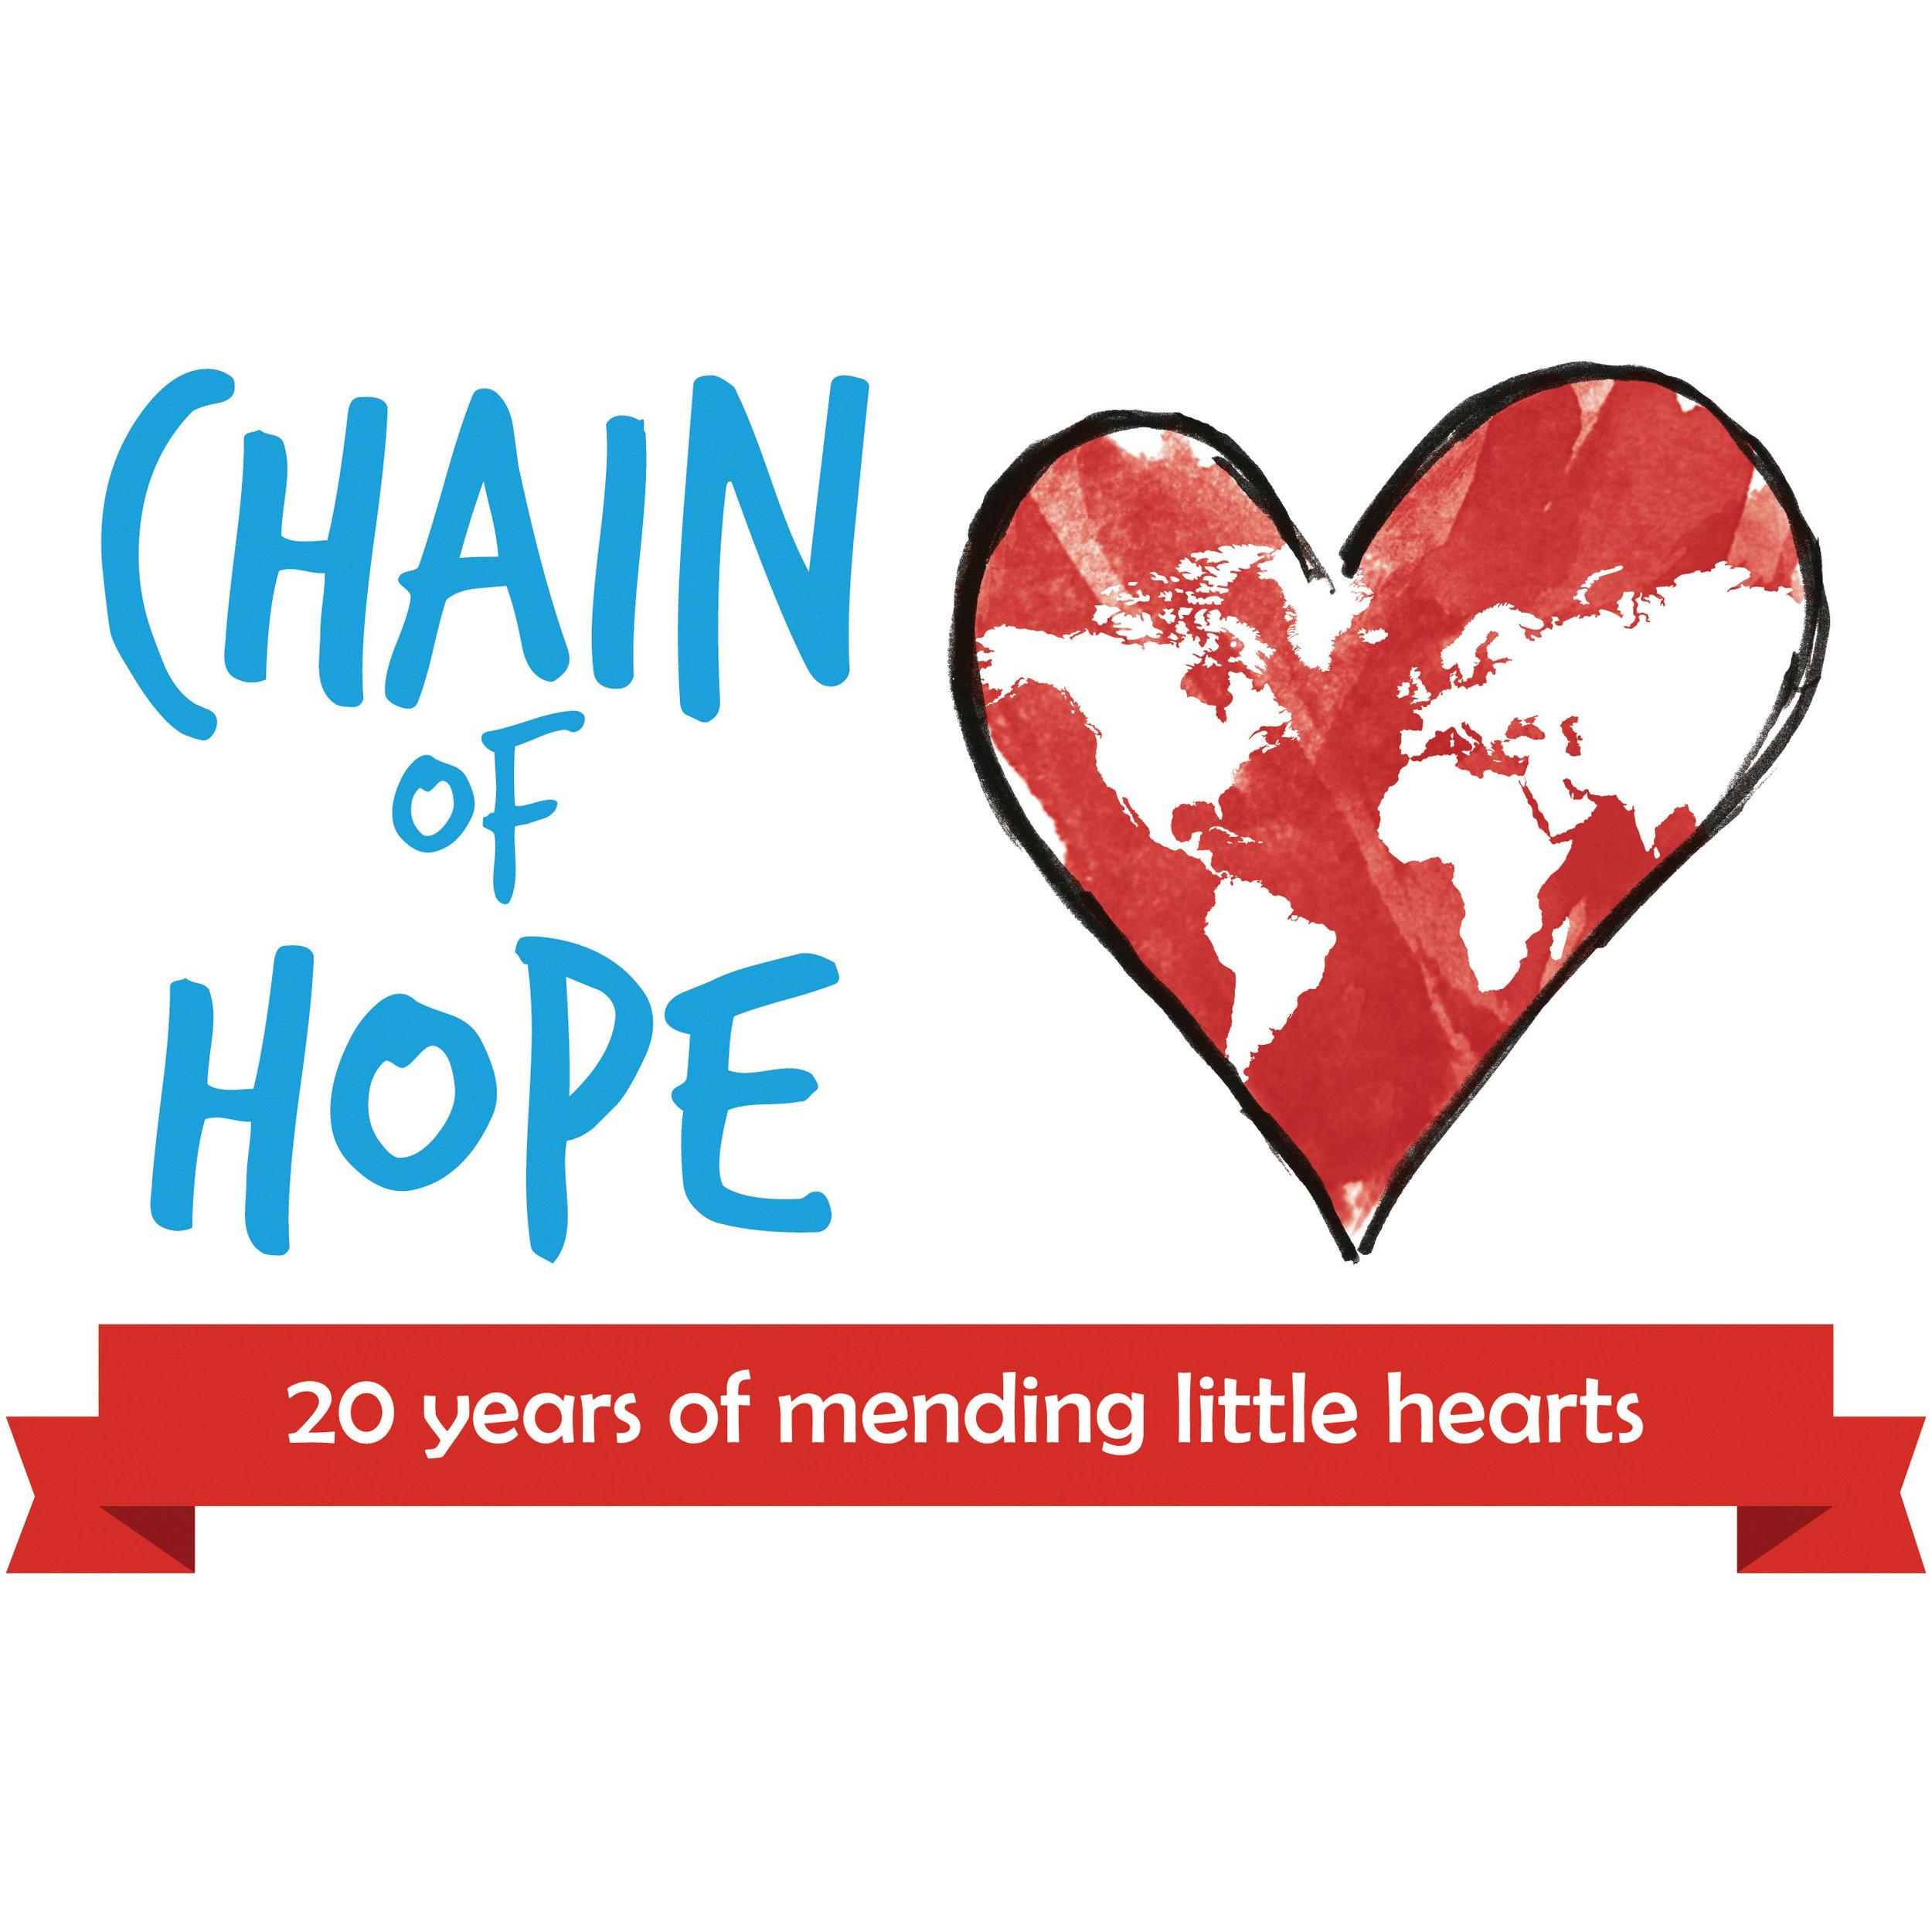 Chain of Hope Charity sq.jpg